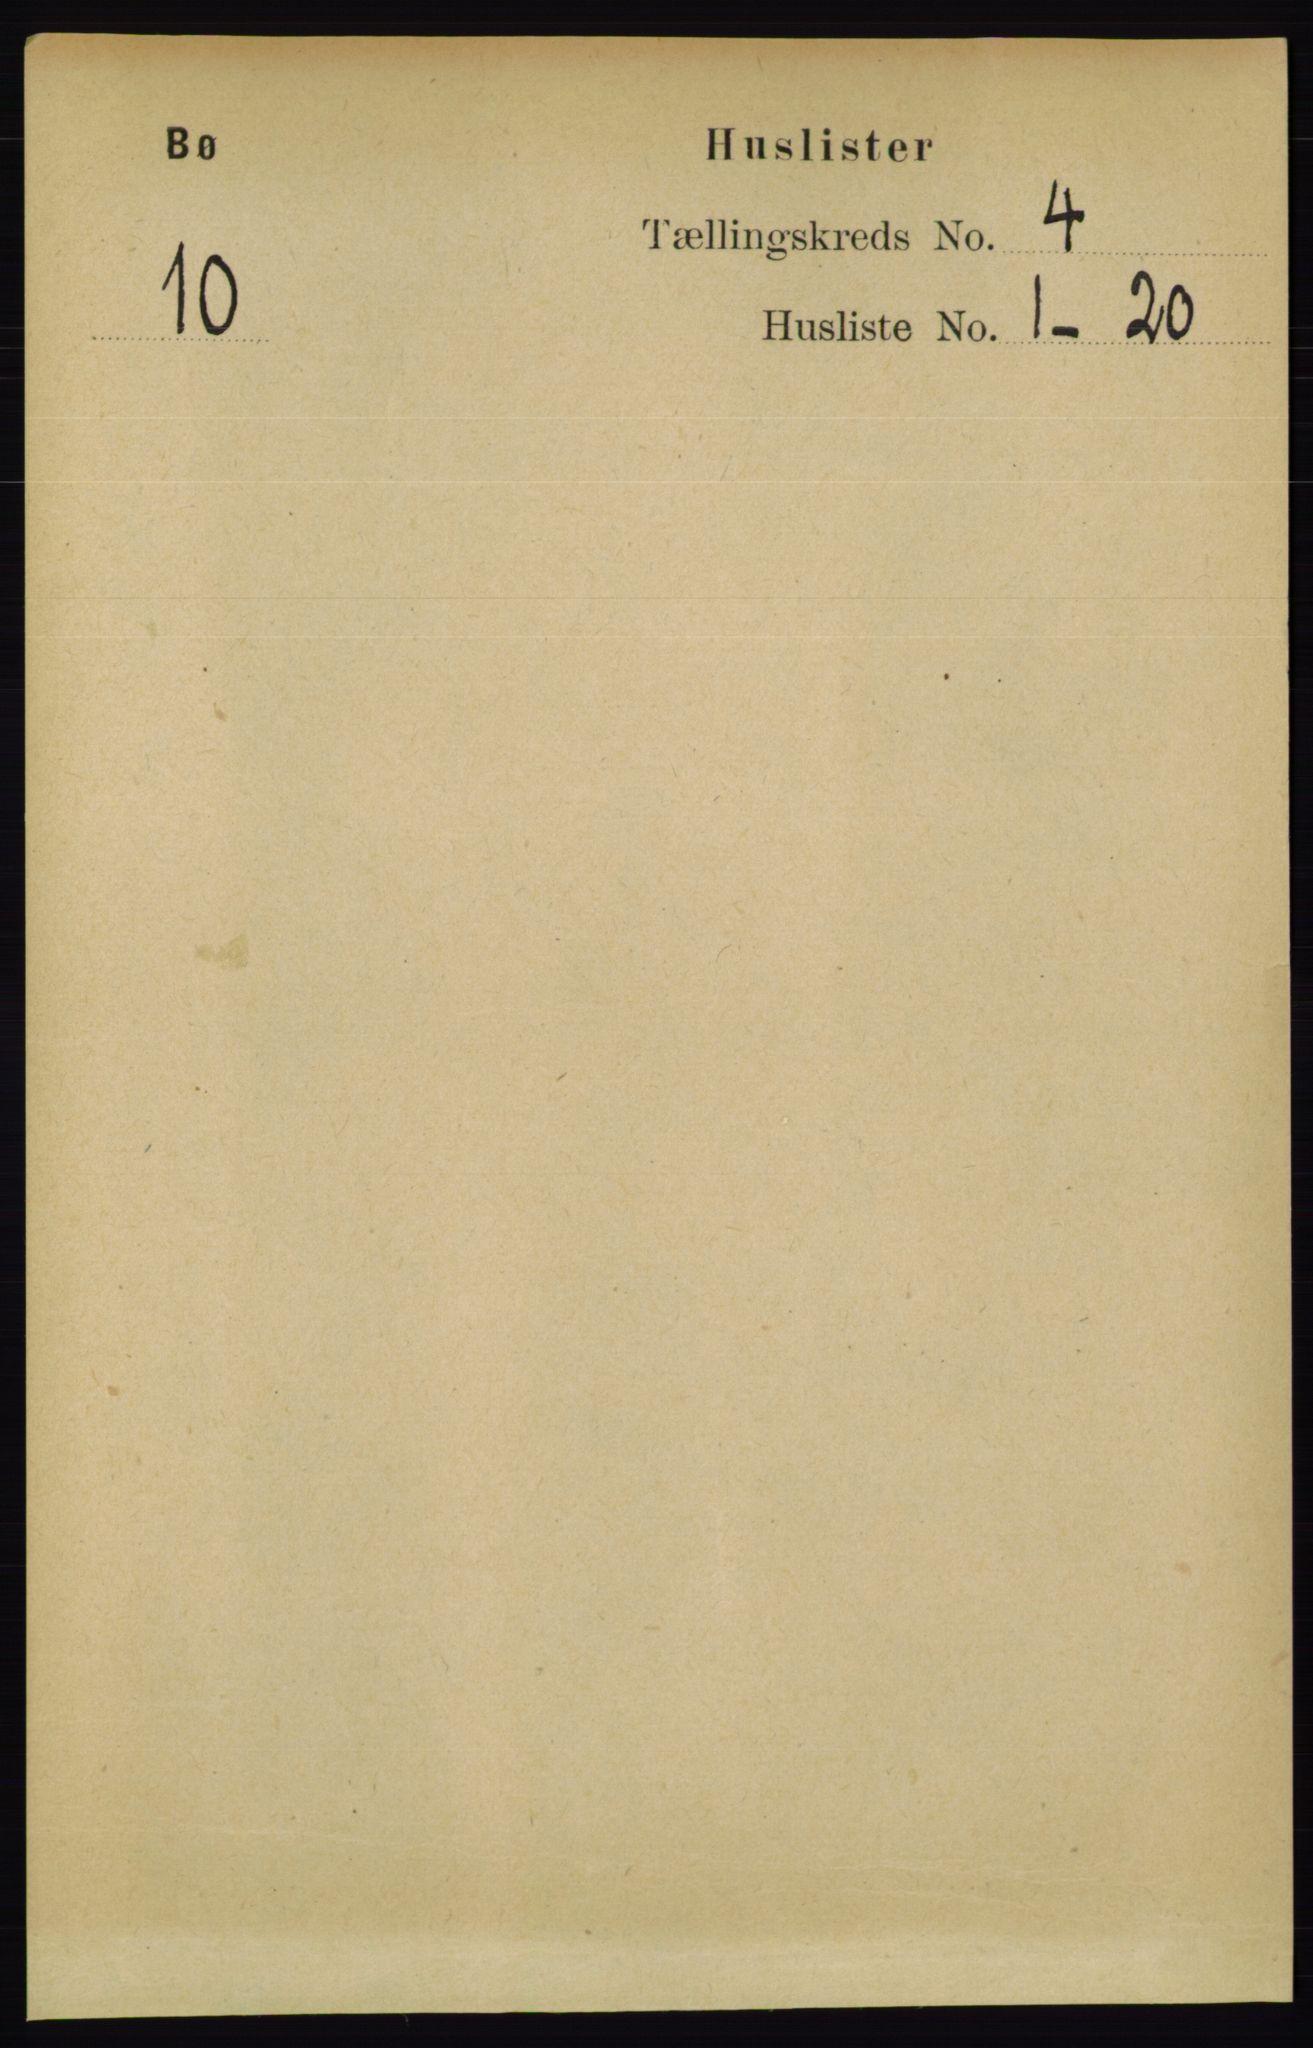 RA, Folketelling 1891 for 0821 Bø herred, 1891, s. 1200